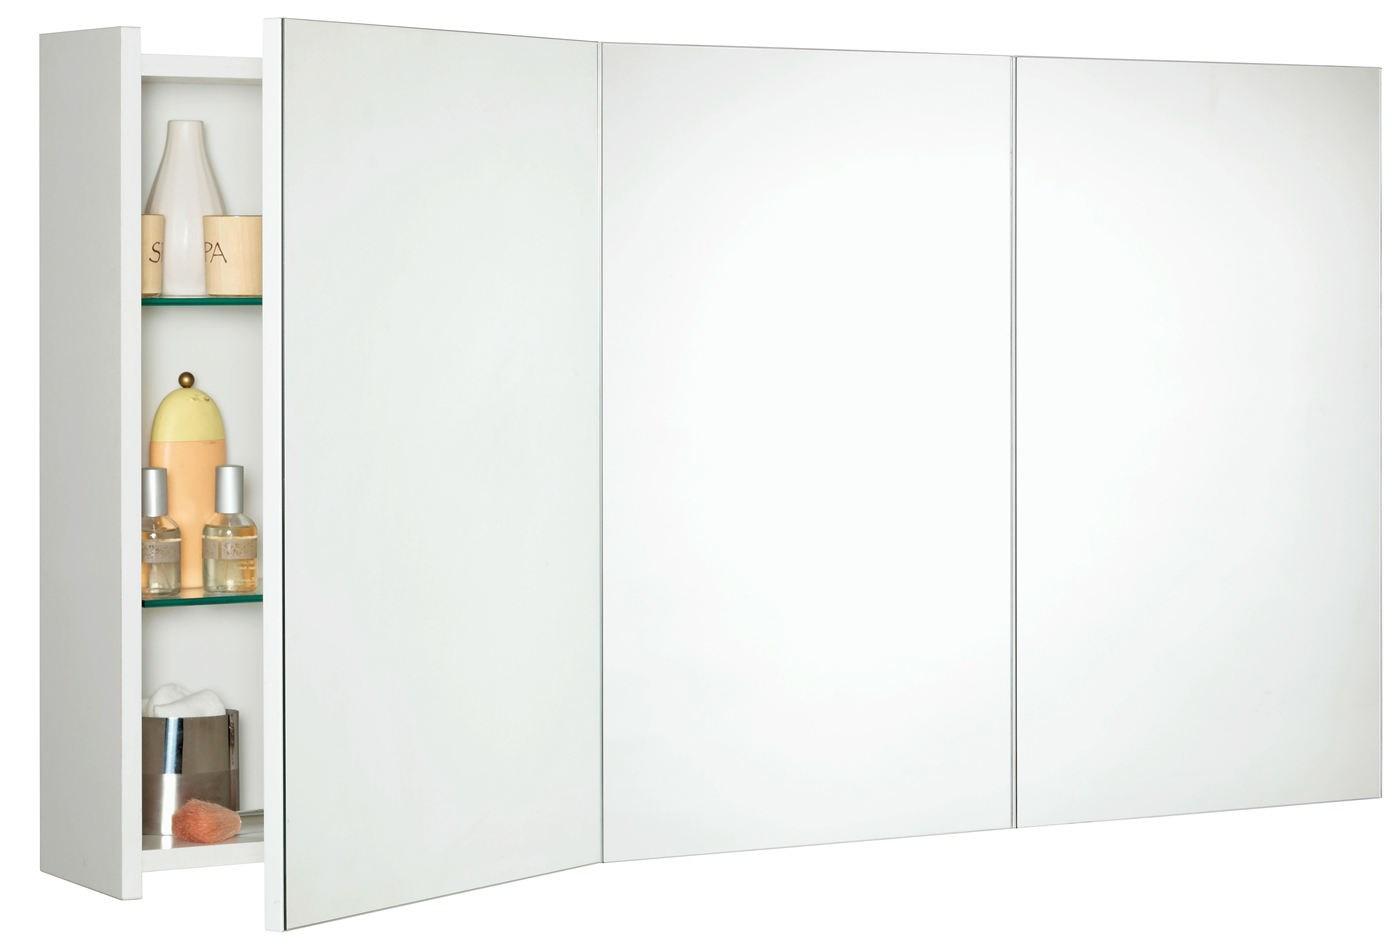 armoire de toilette design armoire toilette design sur enperdresonlapin. Black Bedroom Furniture Sets. Home Design Ideas